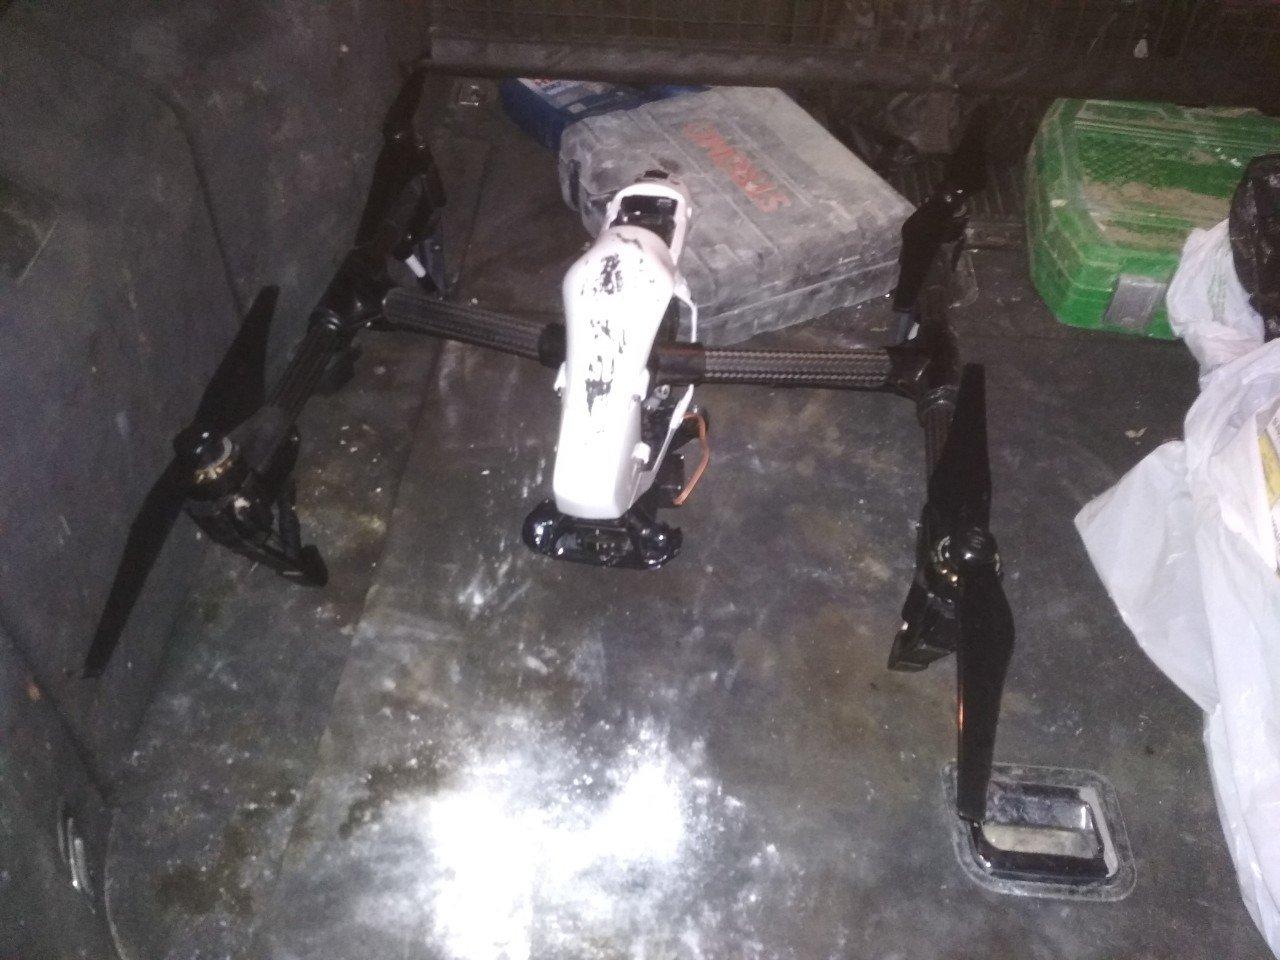 Біля Ужгороду затримали чоловіків з квадрокоптером. В авто також знайшли 14 блоків цигарок (ВІДЕО), фото-2